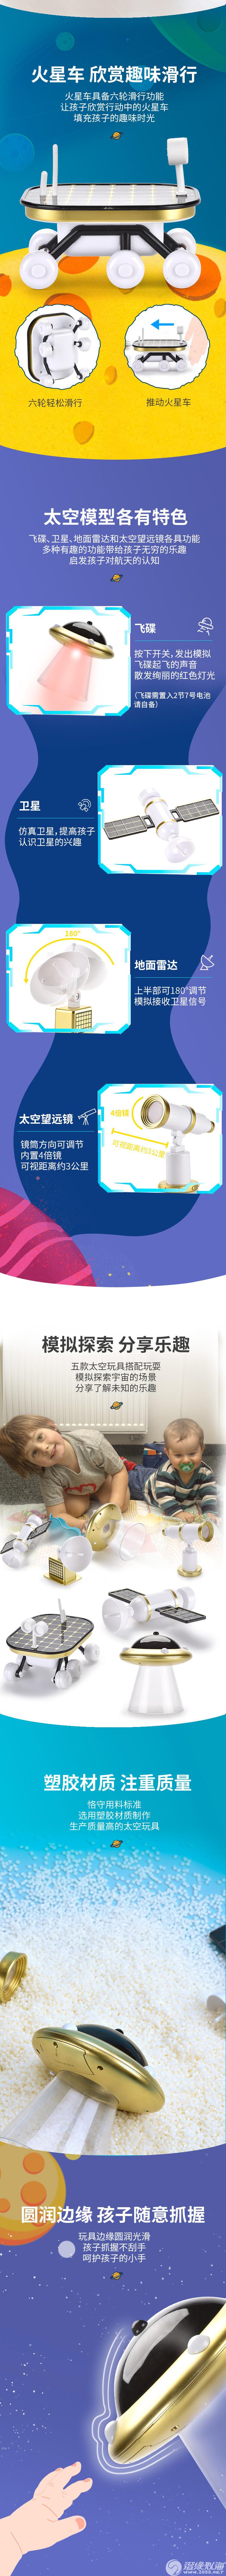 宝威-(2201)-火星车-中文版详情图_02.jpg